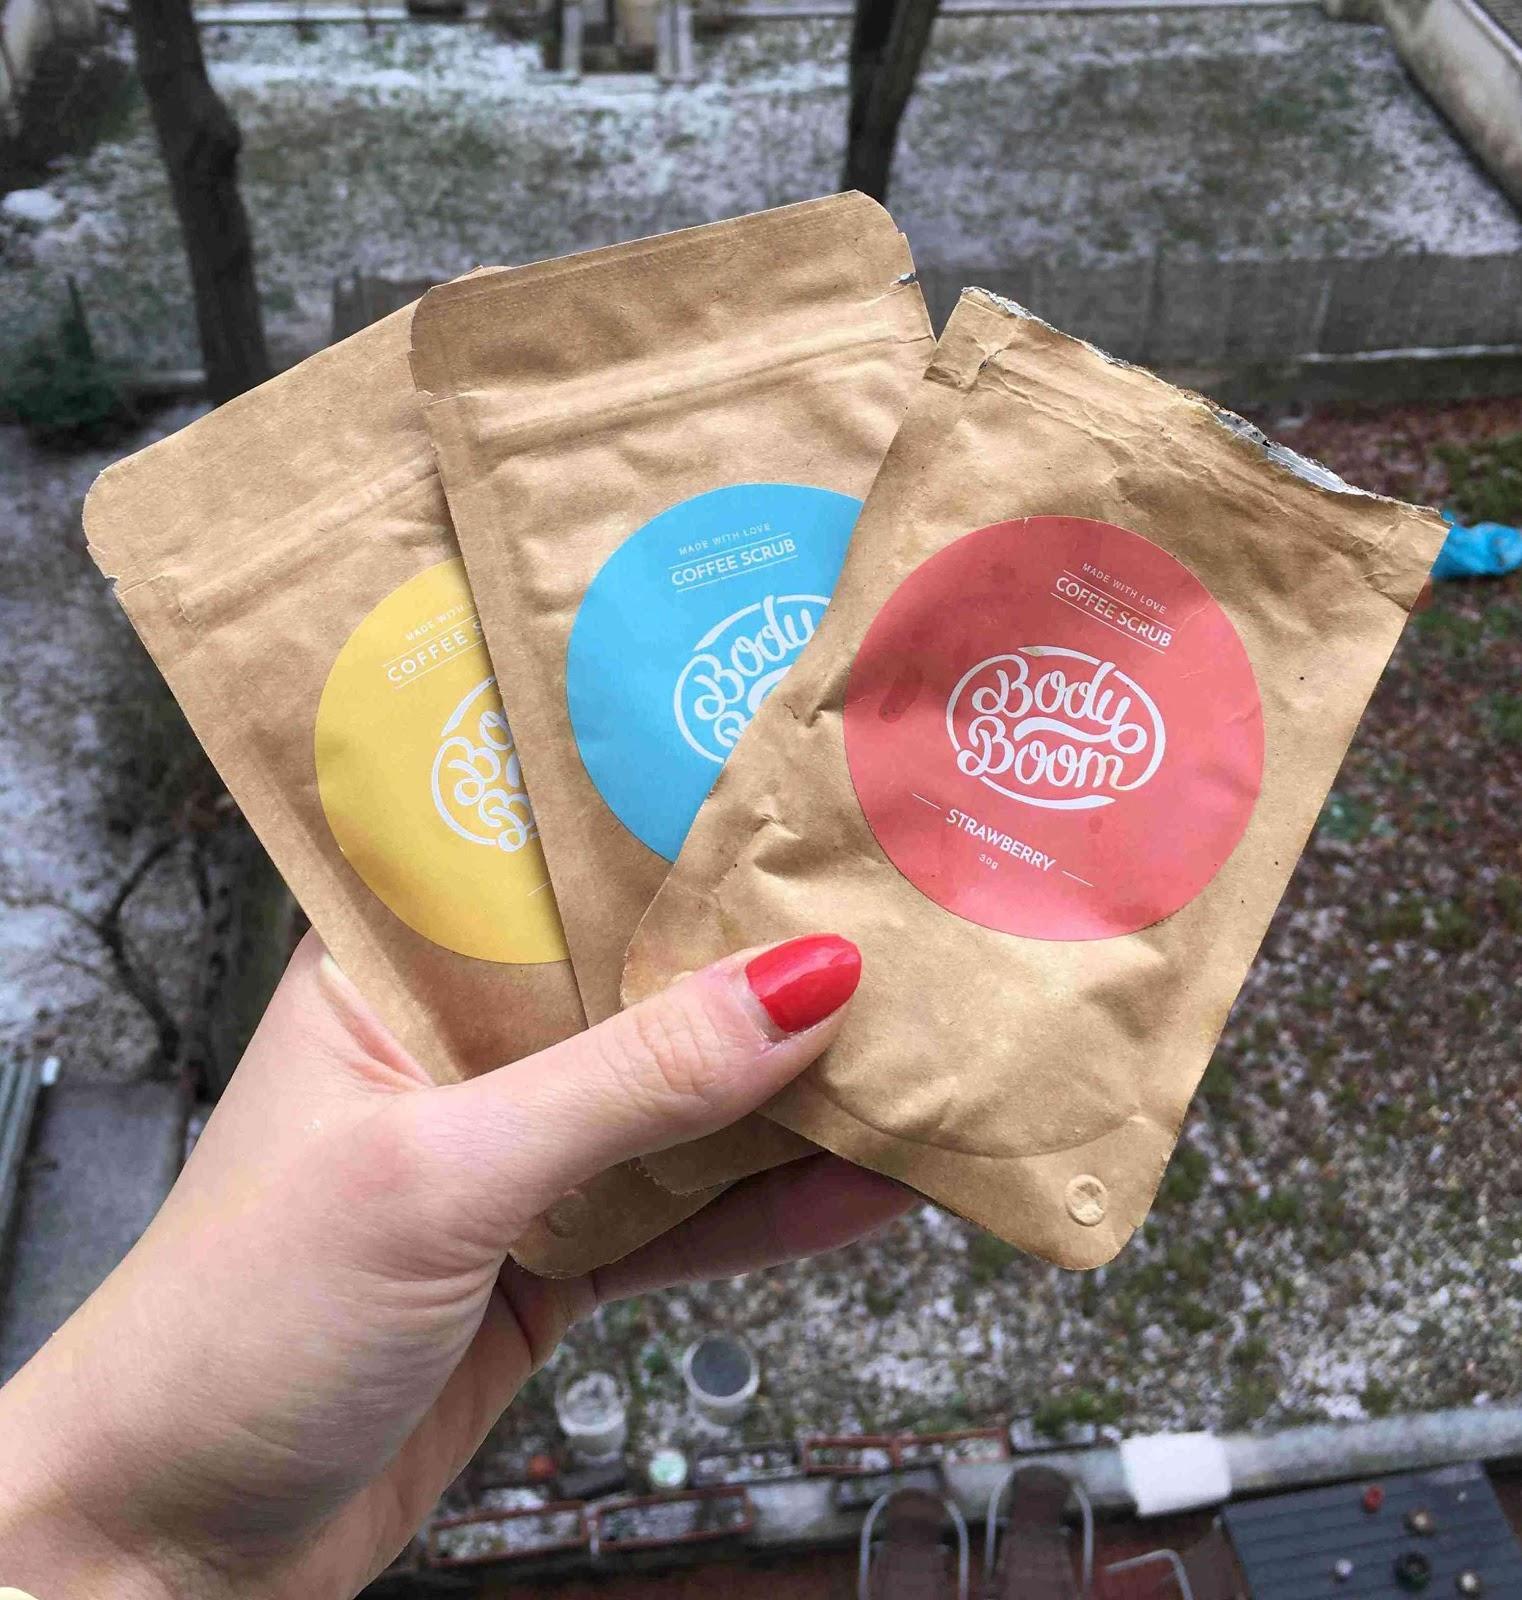 Recenze Riano: Kávový peeling BodyBoom s vůní čokolády, kokosu, jahod, banánu